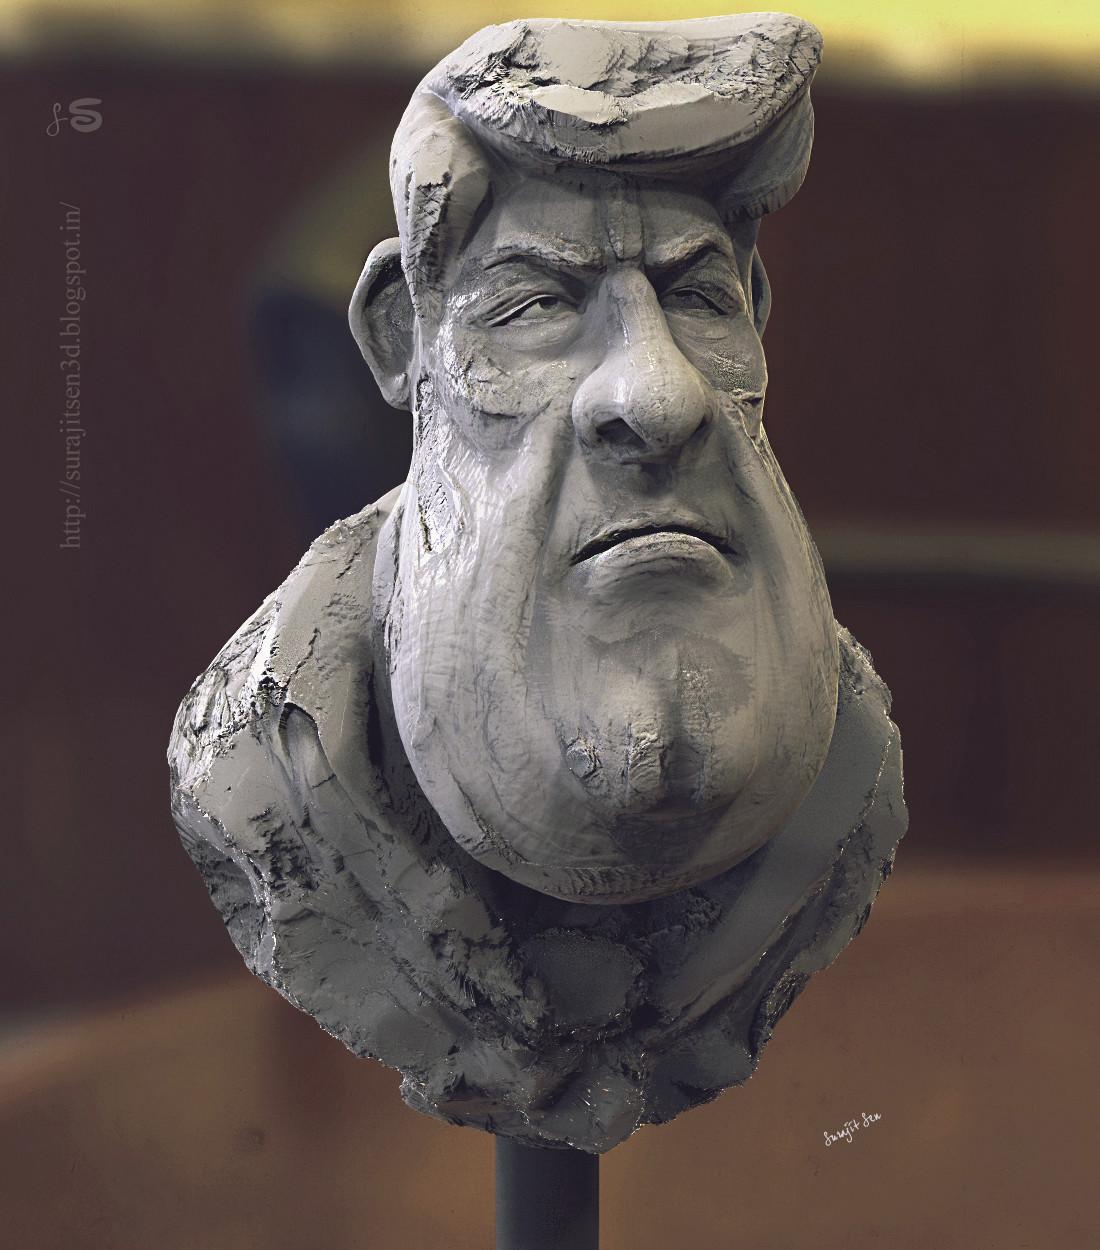 Surajit sen unminded clay sculpt suarajit sen